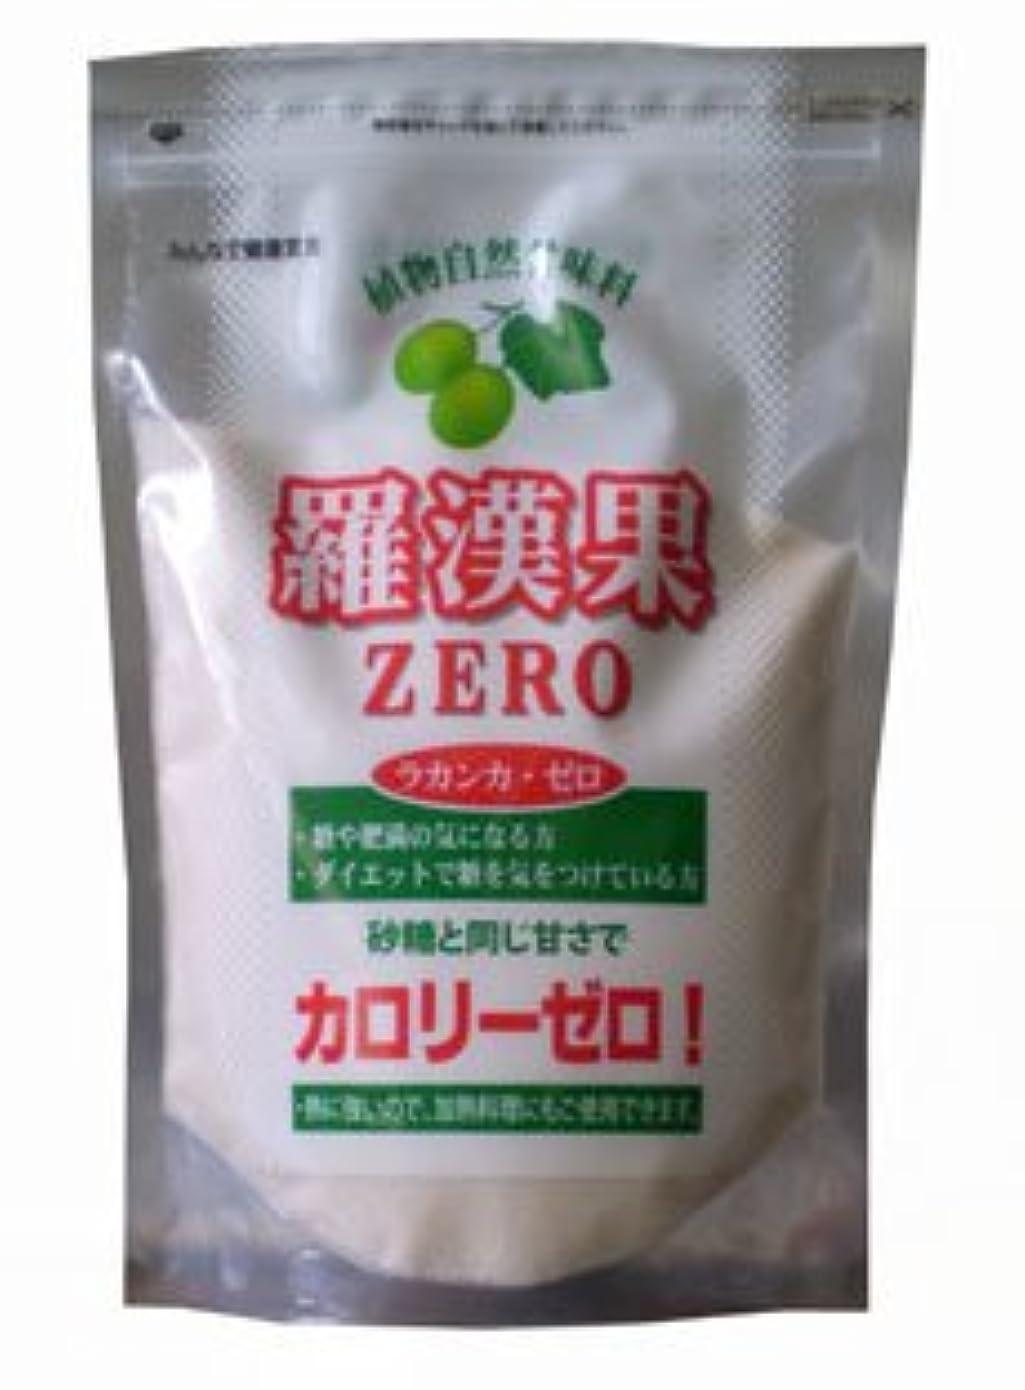 人に関する限り効率実験カロリーが限りなくゼロに近い甘味料! 沖縄県産 羅漢果ゼロ 1000g(1袋) ダイエット中の方、糖尿が気になる方にお勧め!